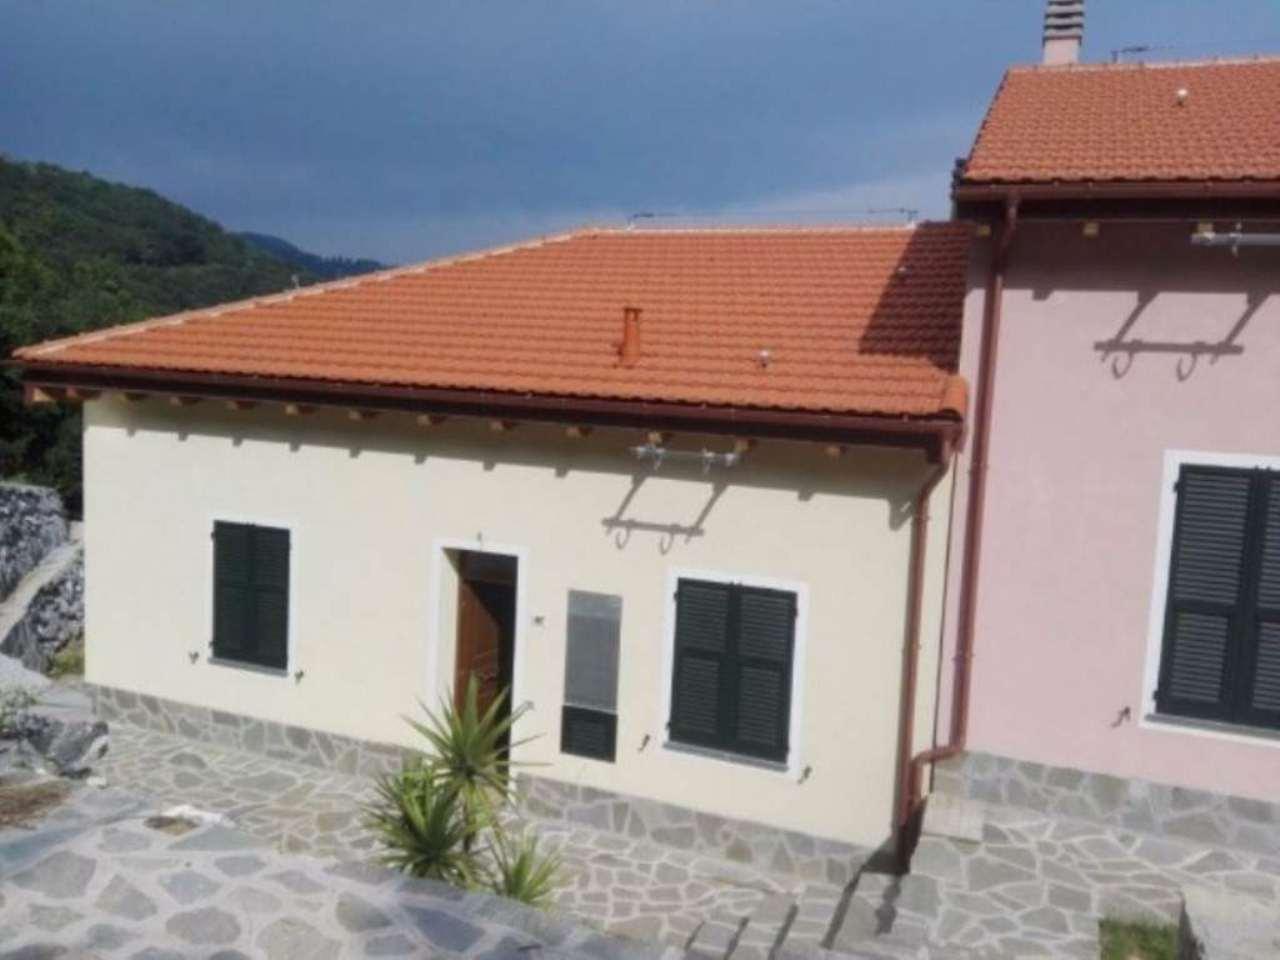 Villa in vendita a Genova, 6 locali, prezzo € 380.000 | Cambio Casa.it